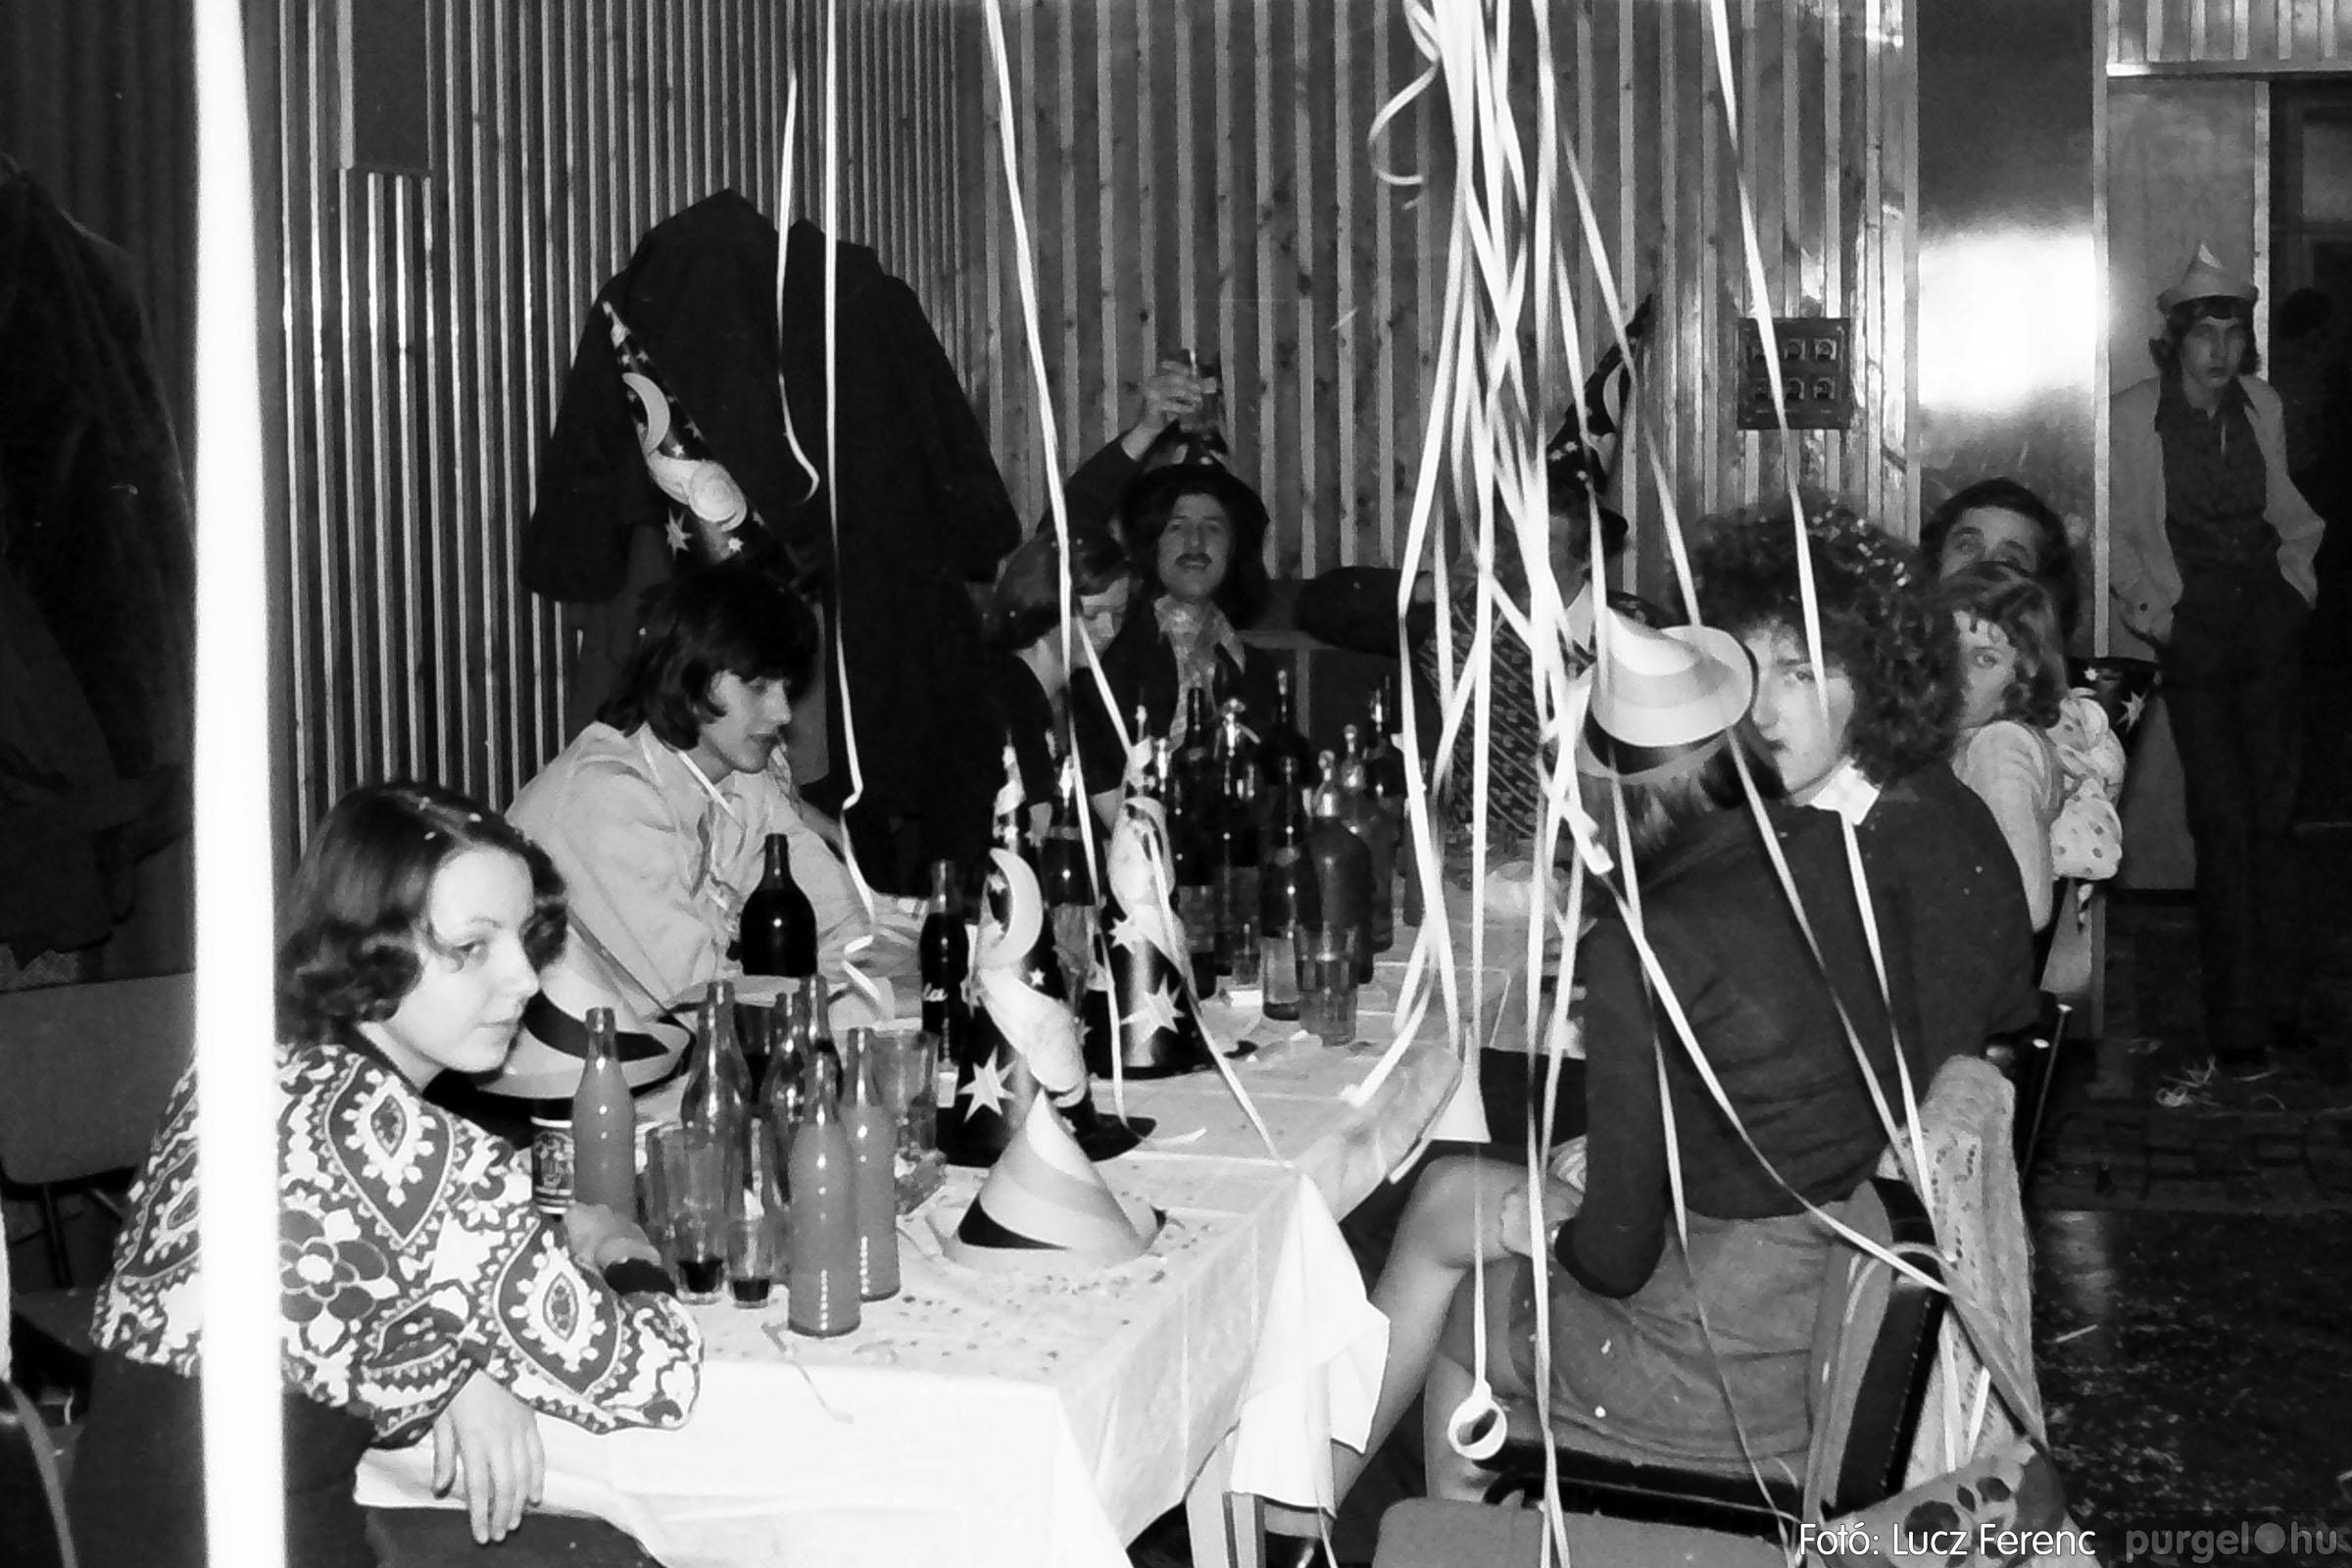 030. 1975.12.31. Szilveszter a kultúrházban 011 - Fotó: Lucz Ferenc.jpg